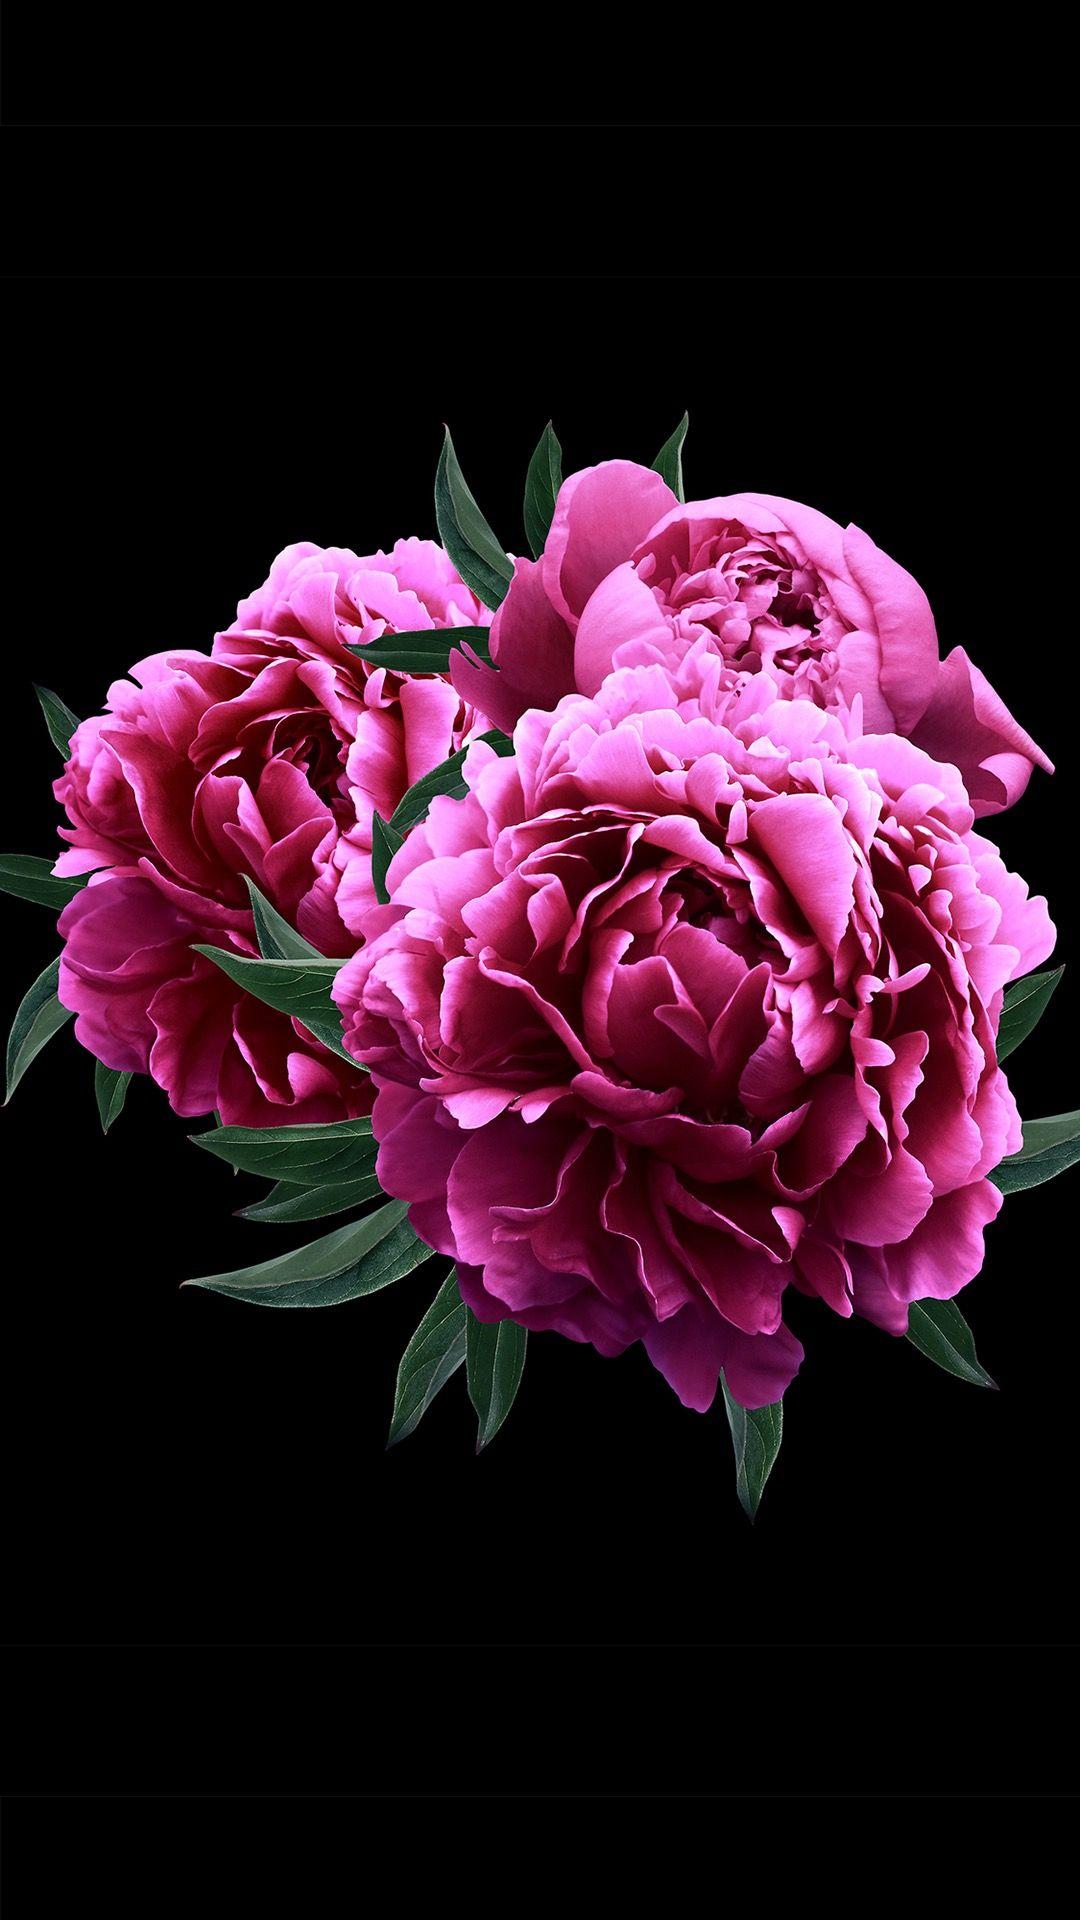 Pin by Thủy Khiết Linh on Hoa khai Flowers black